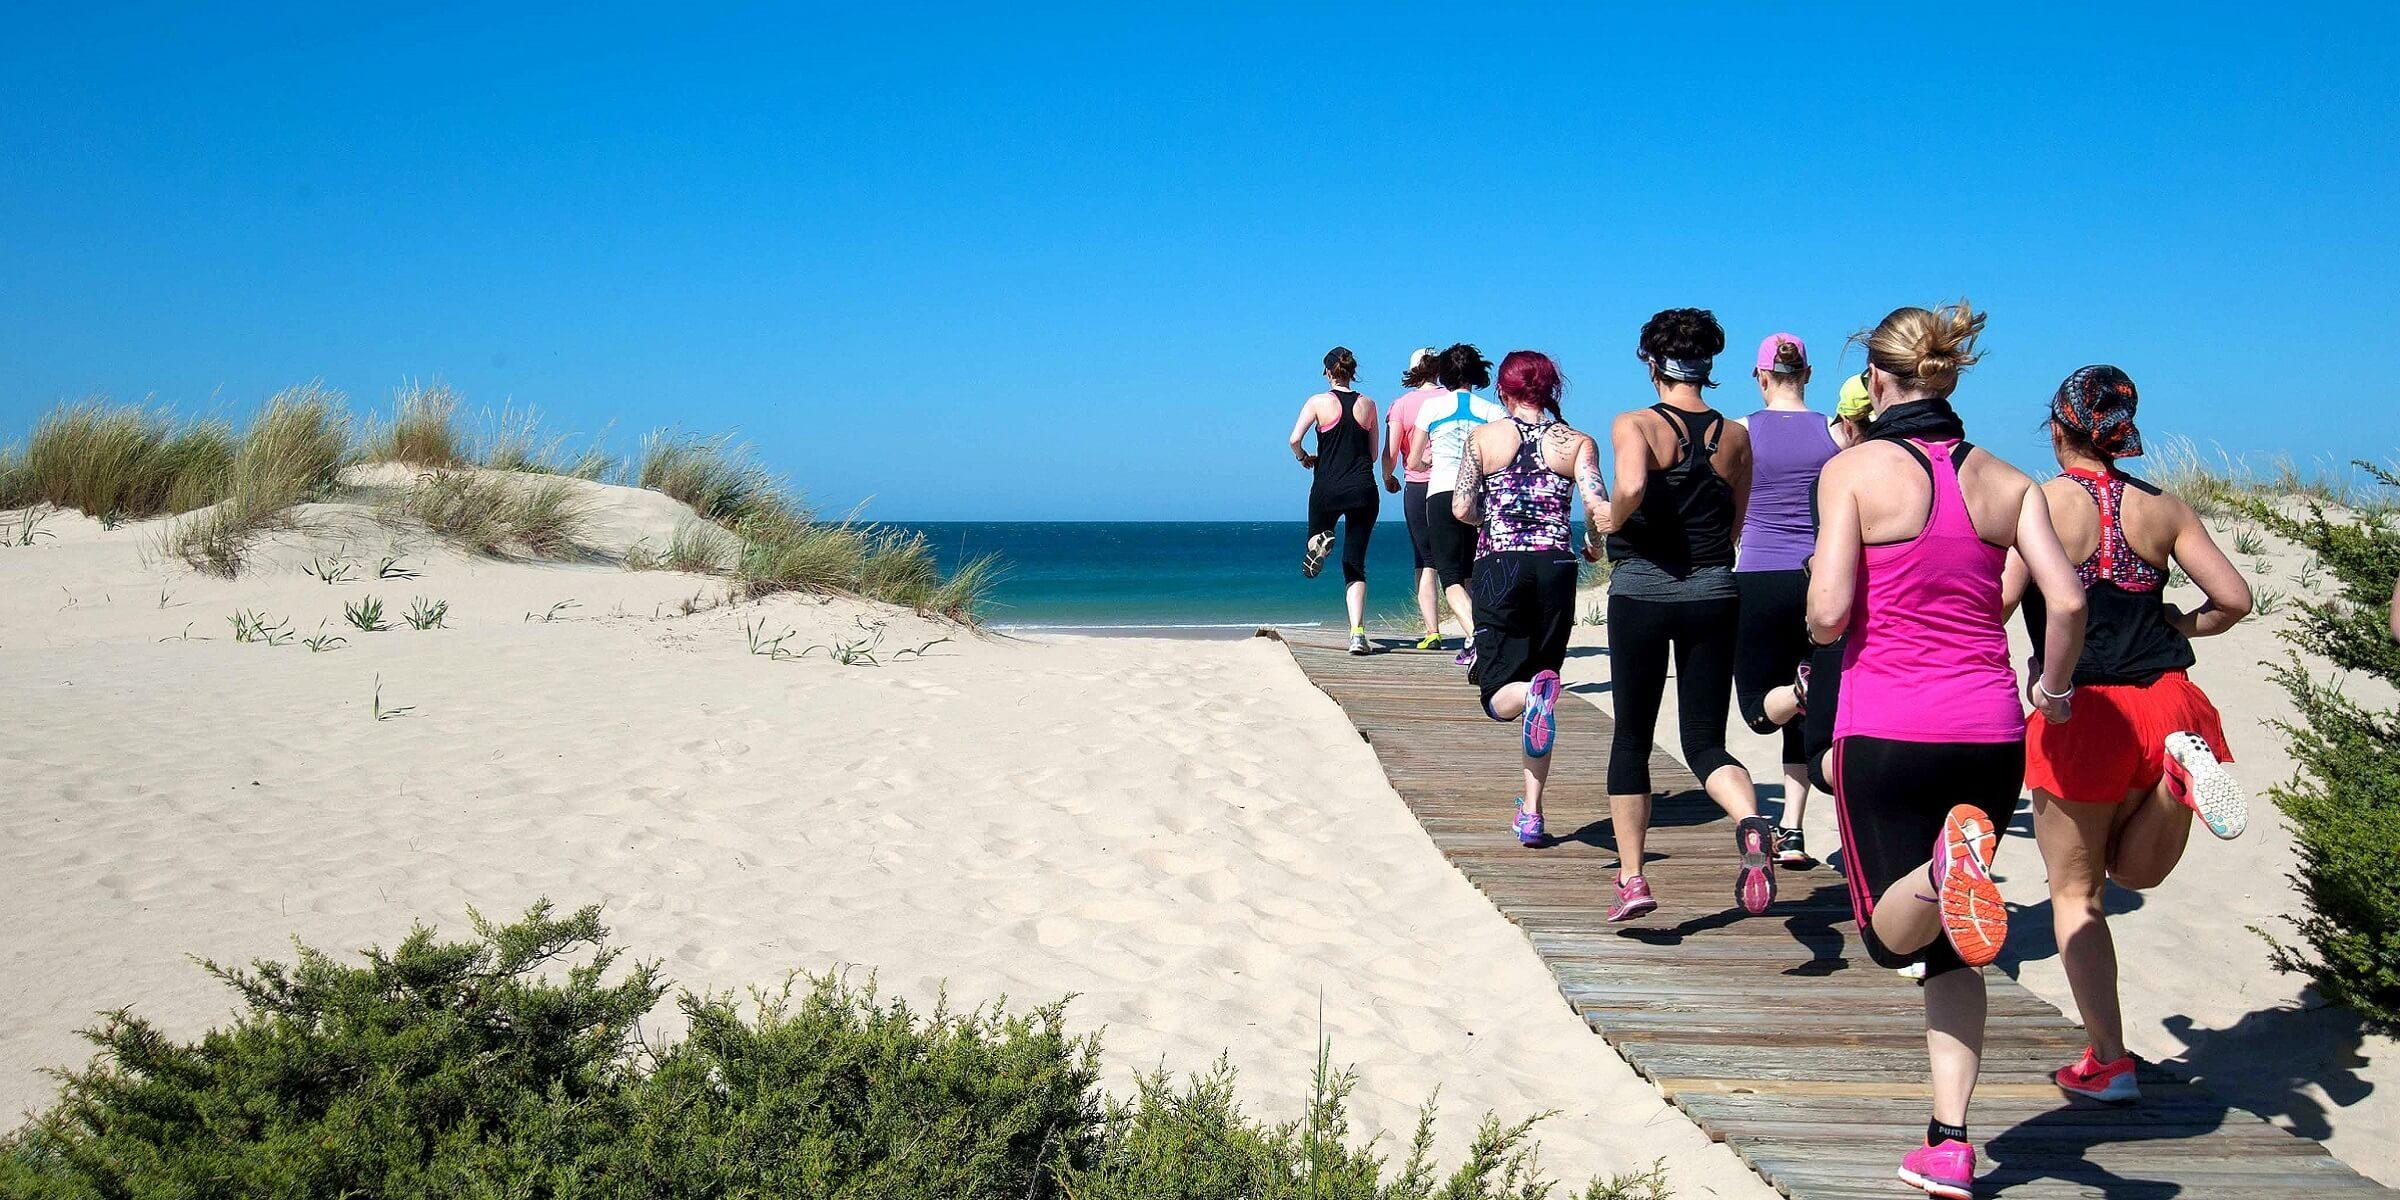 Der Strand eignet sich perfekt für ein Workout